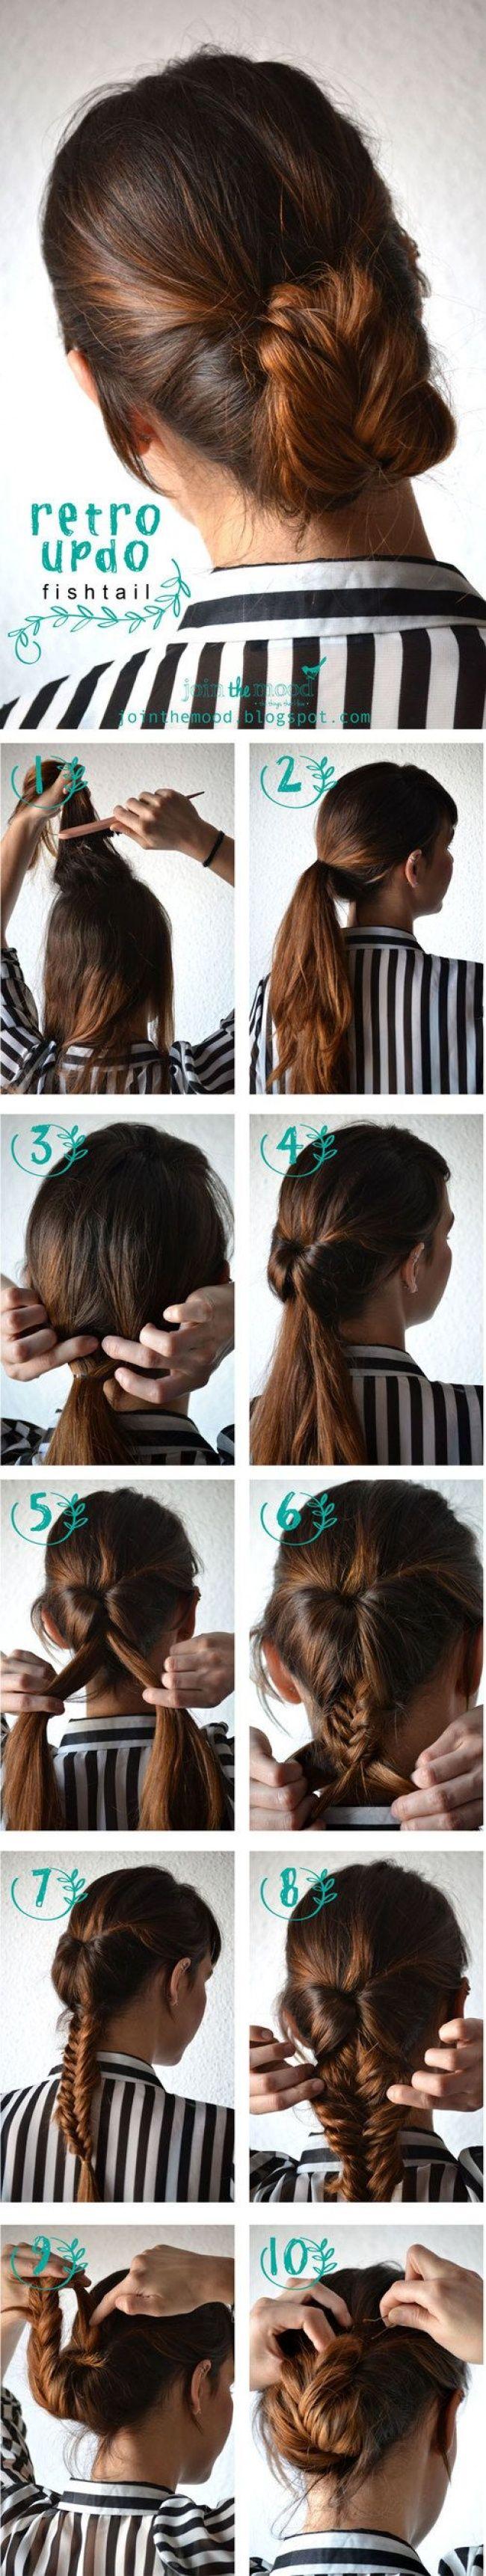 Non importa quanto tempo impieghiamo a vestirci e truccarci: se i capelli sono fuori posto, anche il più meraviglioso tra gli esseri umani apparirà trasand